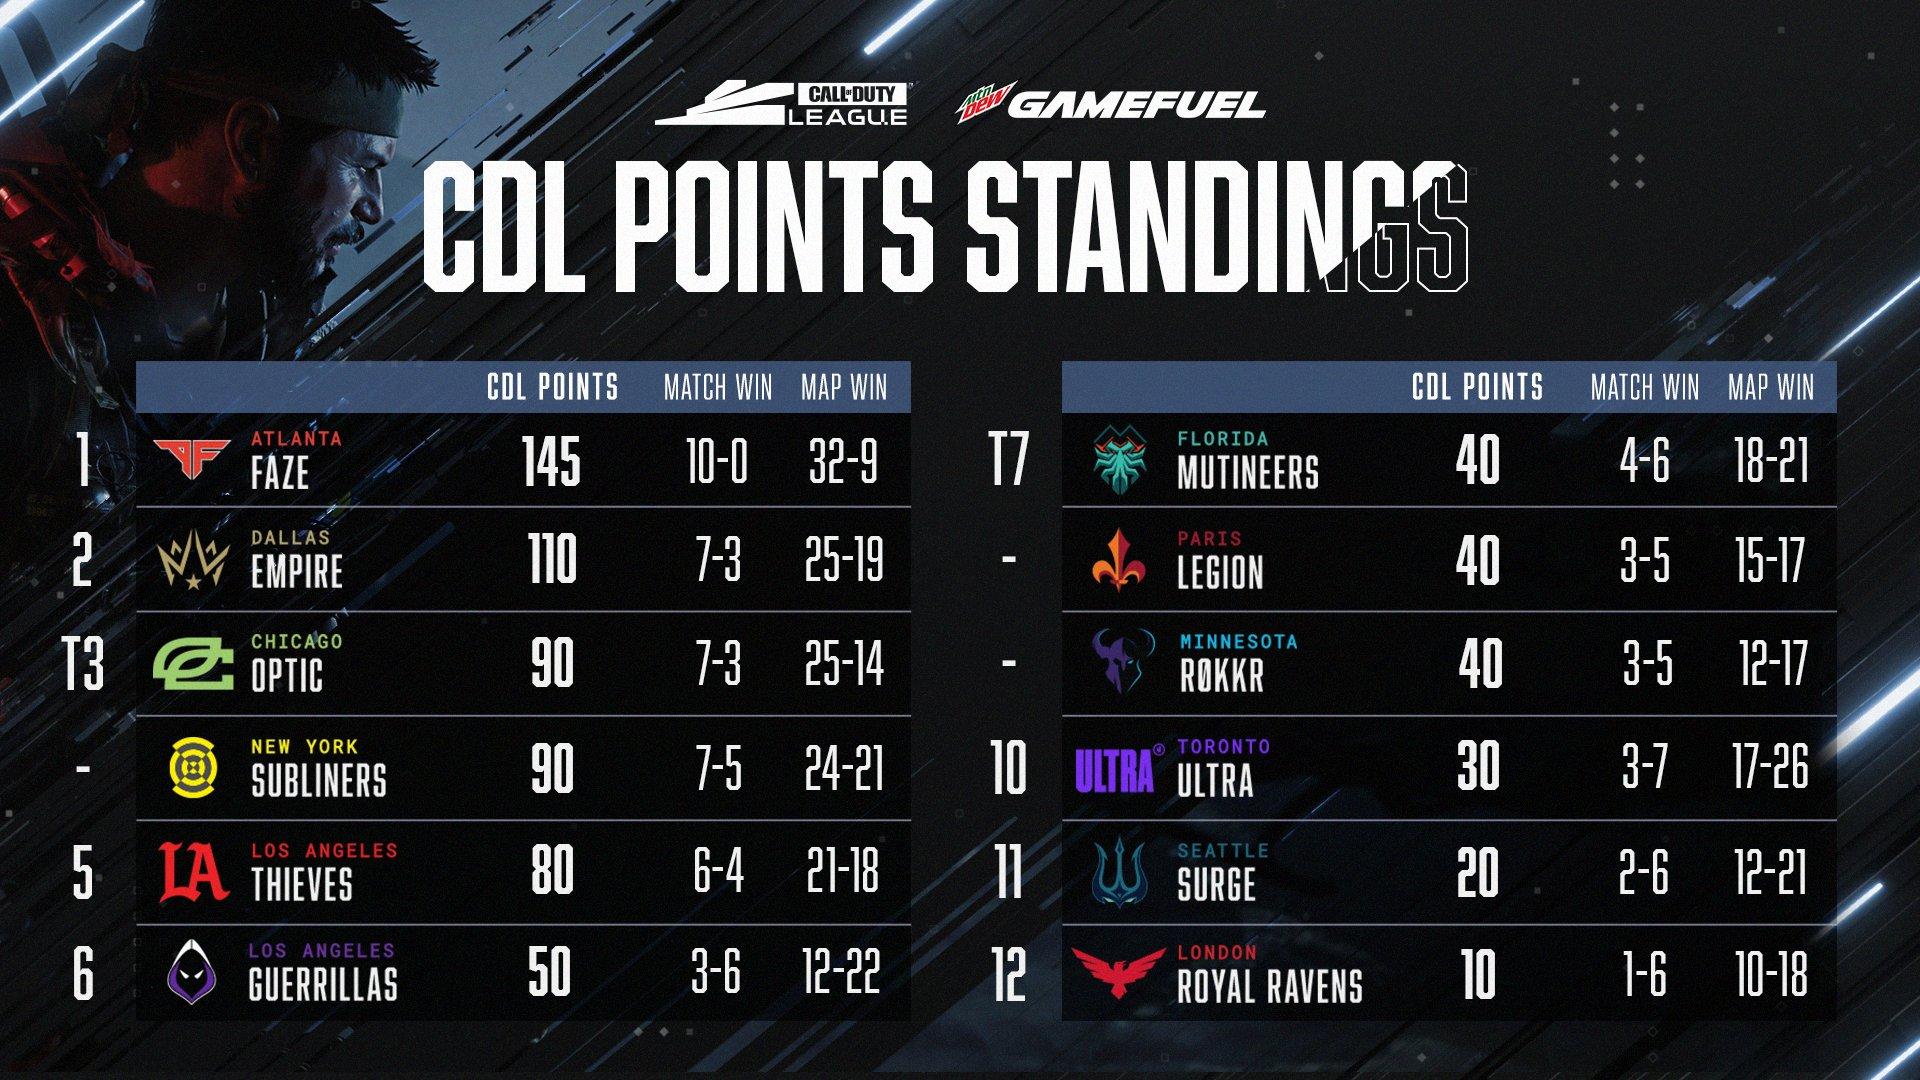 Atlanta FaZe CDL standings